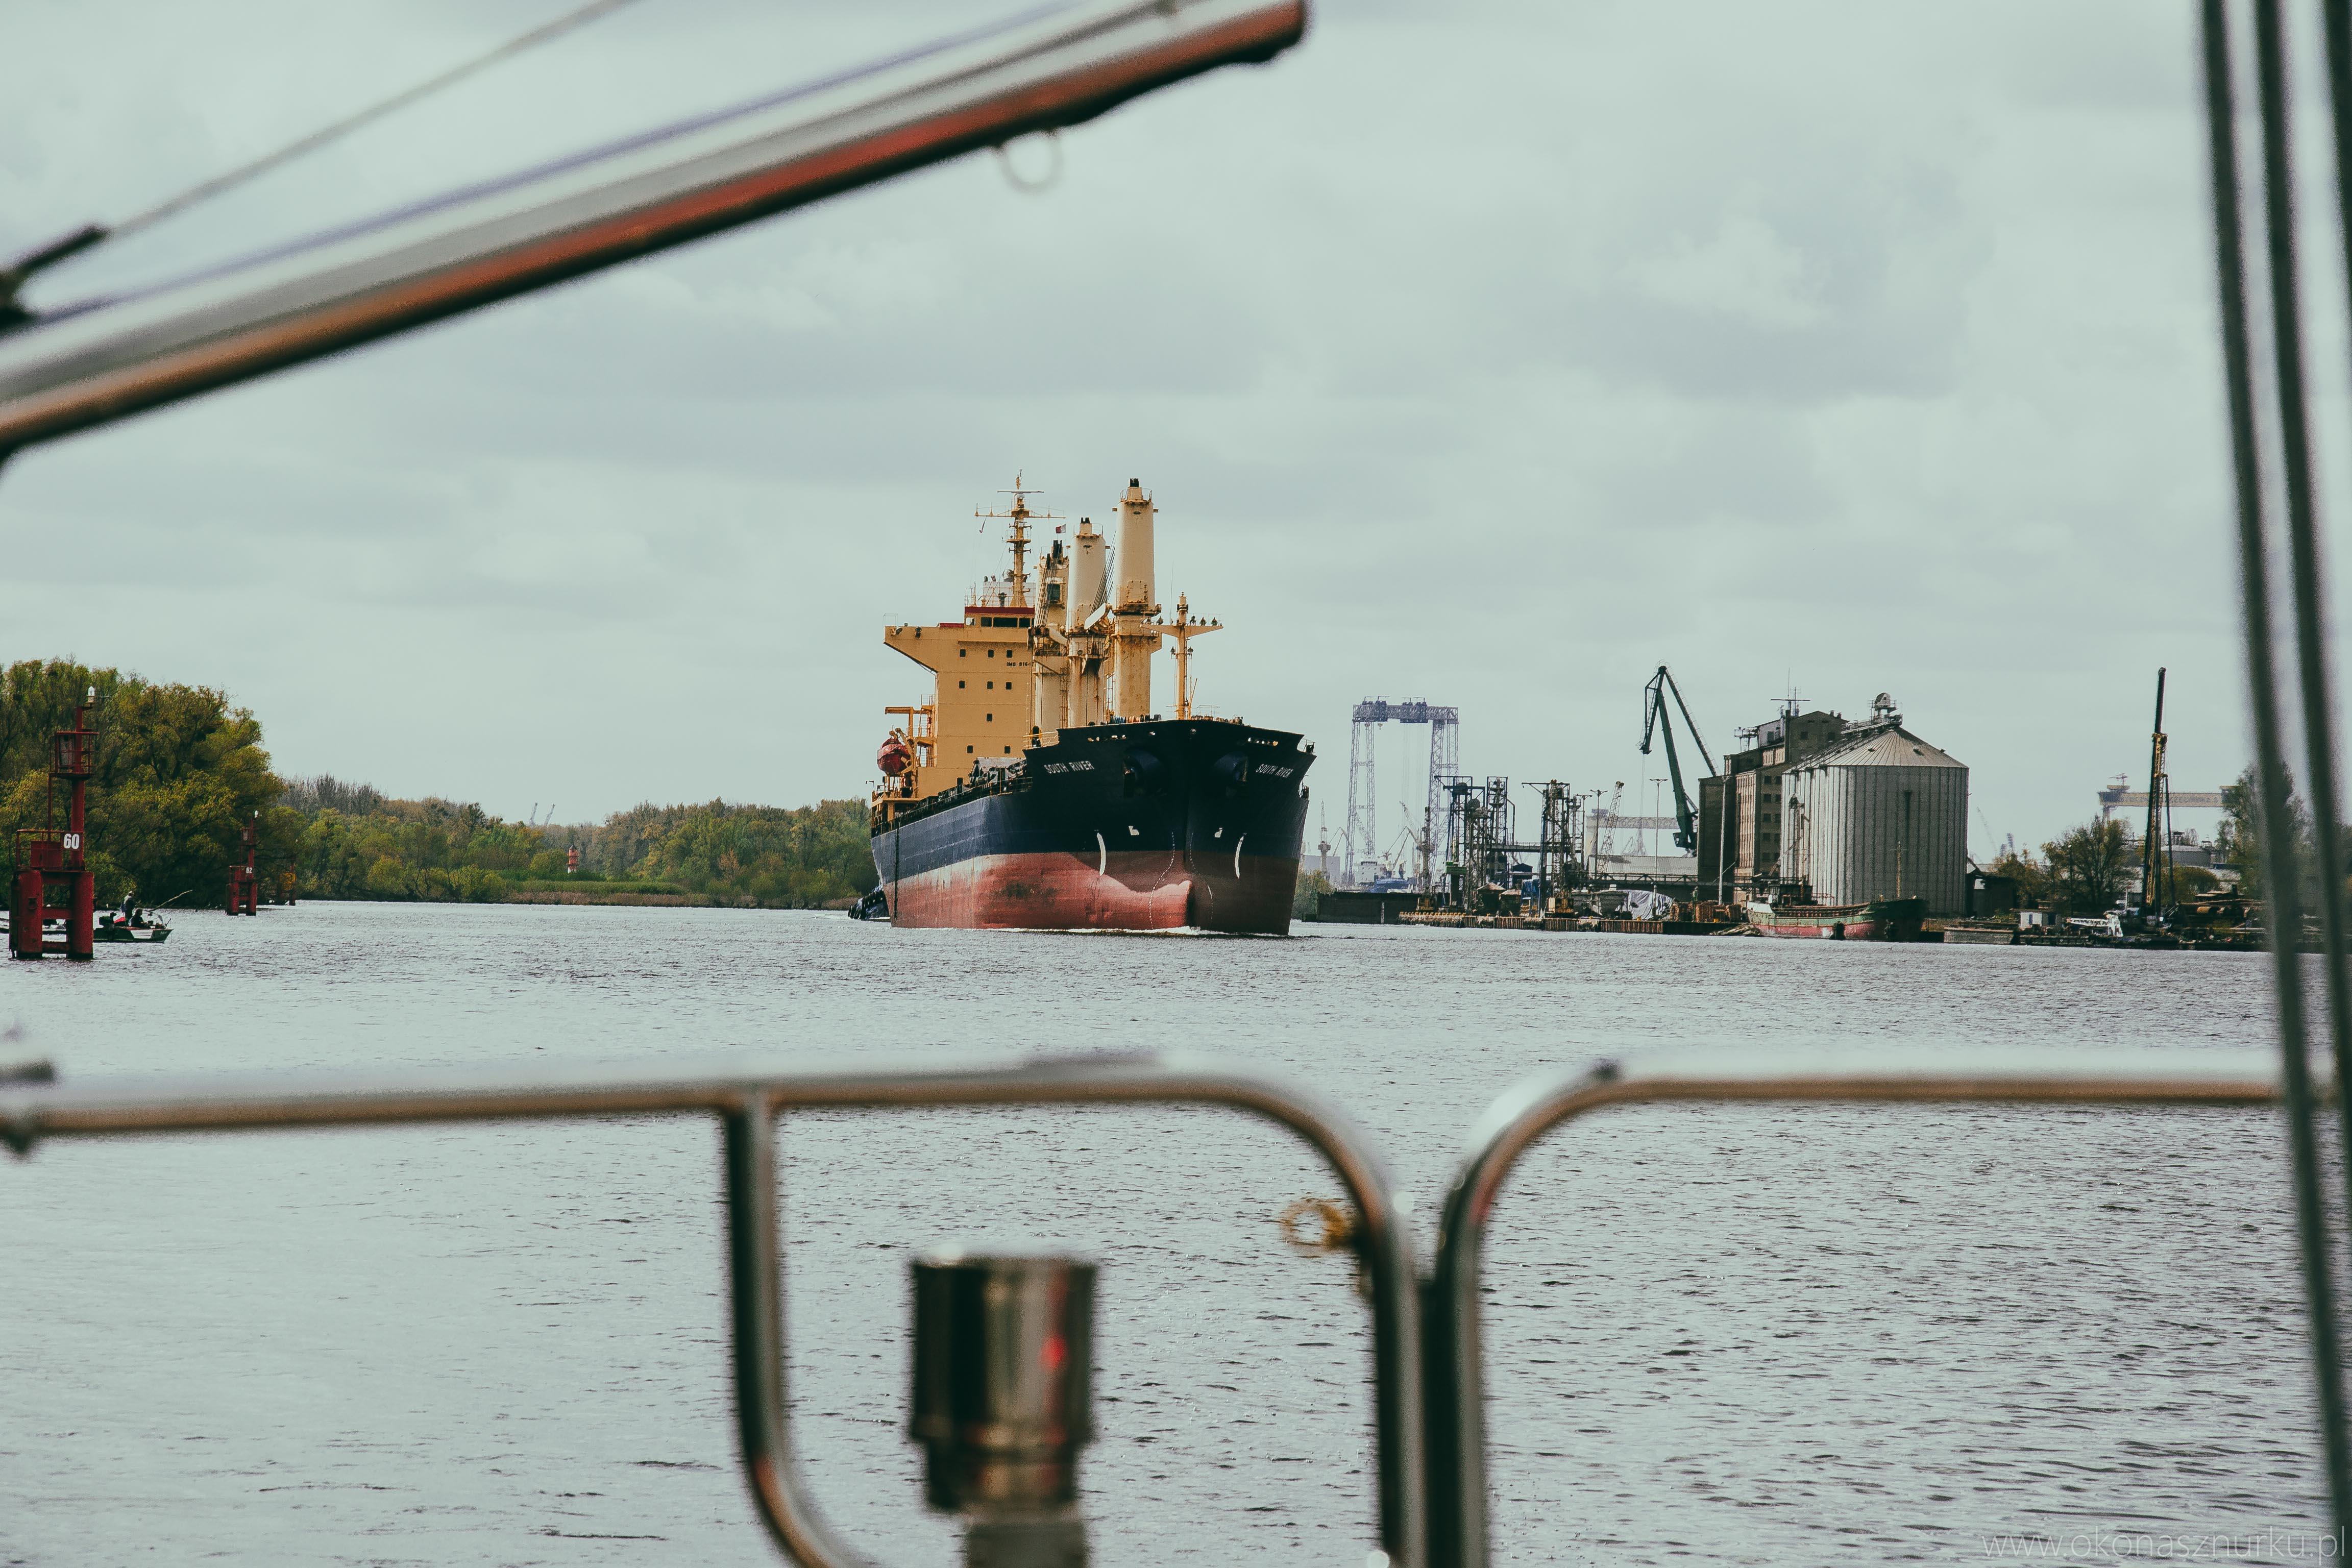 marina-jacht-wyprawy-morskie-silesia-szczecin-goclaw-lubczyna (26)